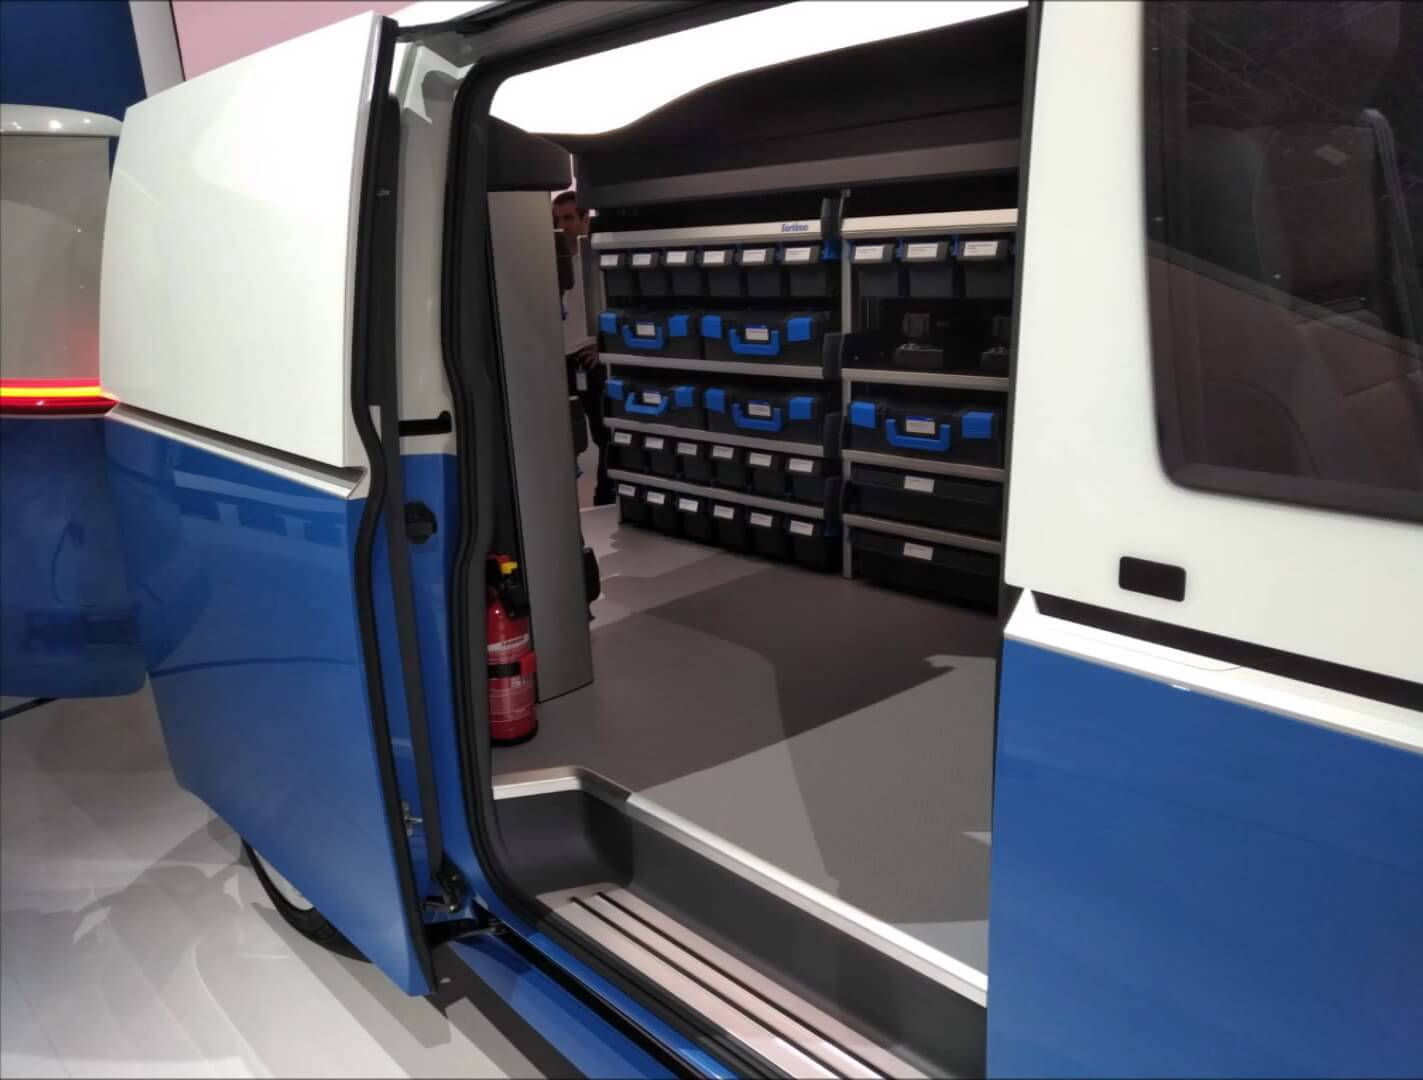 Раздвижная дверь в Volkswagen I.D. Buzz Cargo состороны пассажира